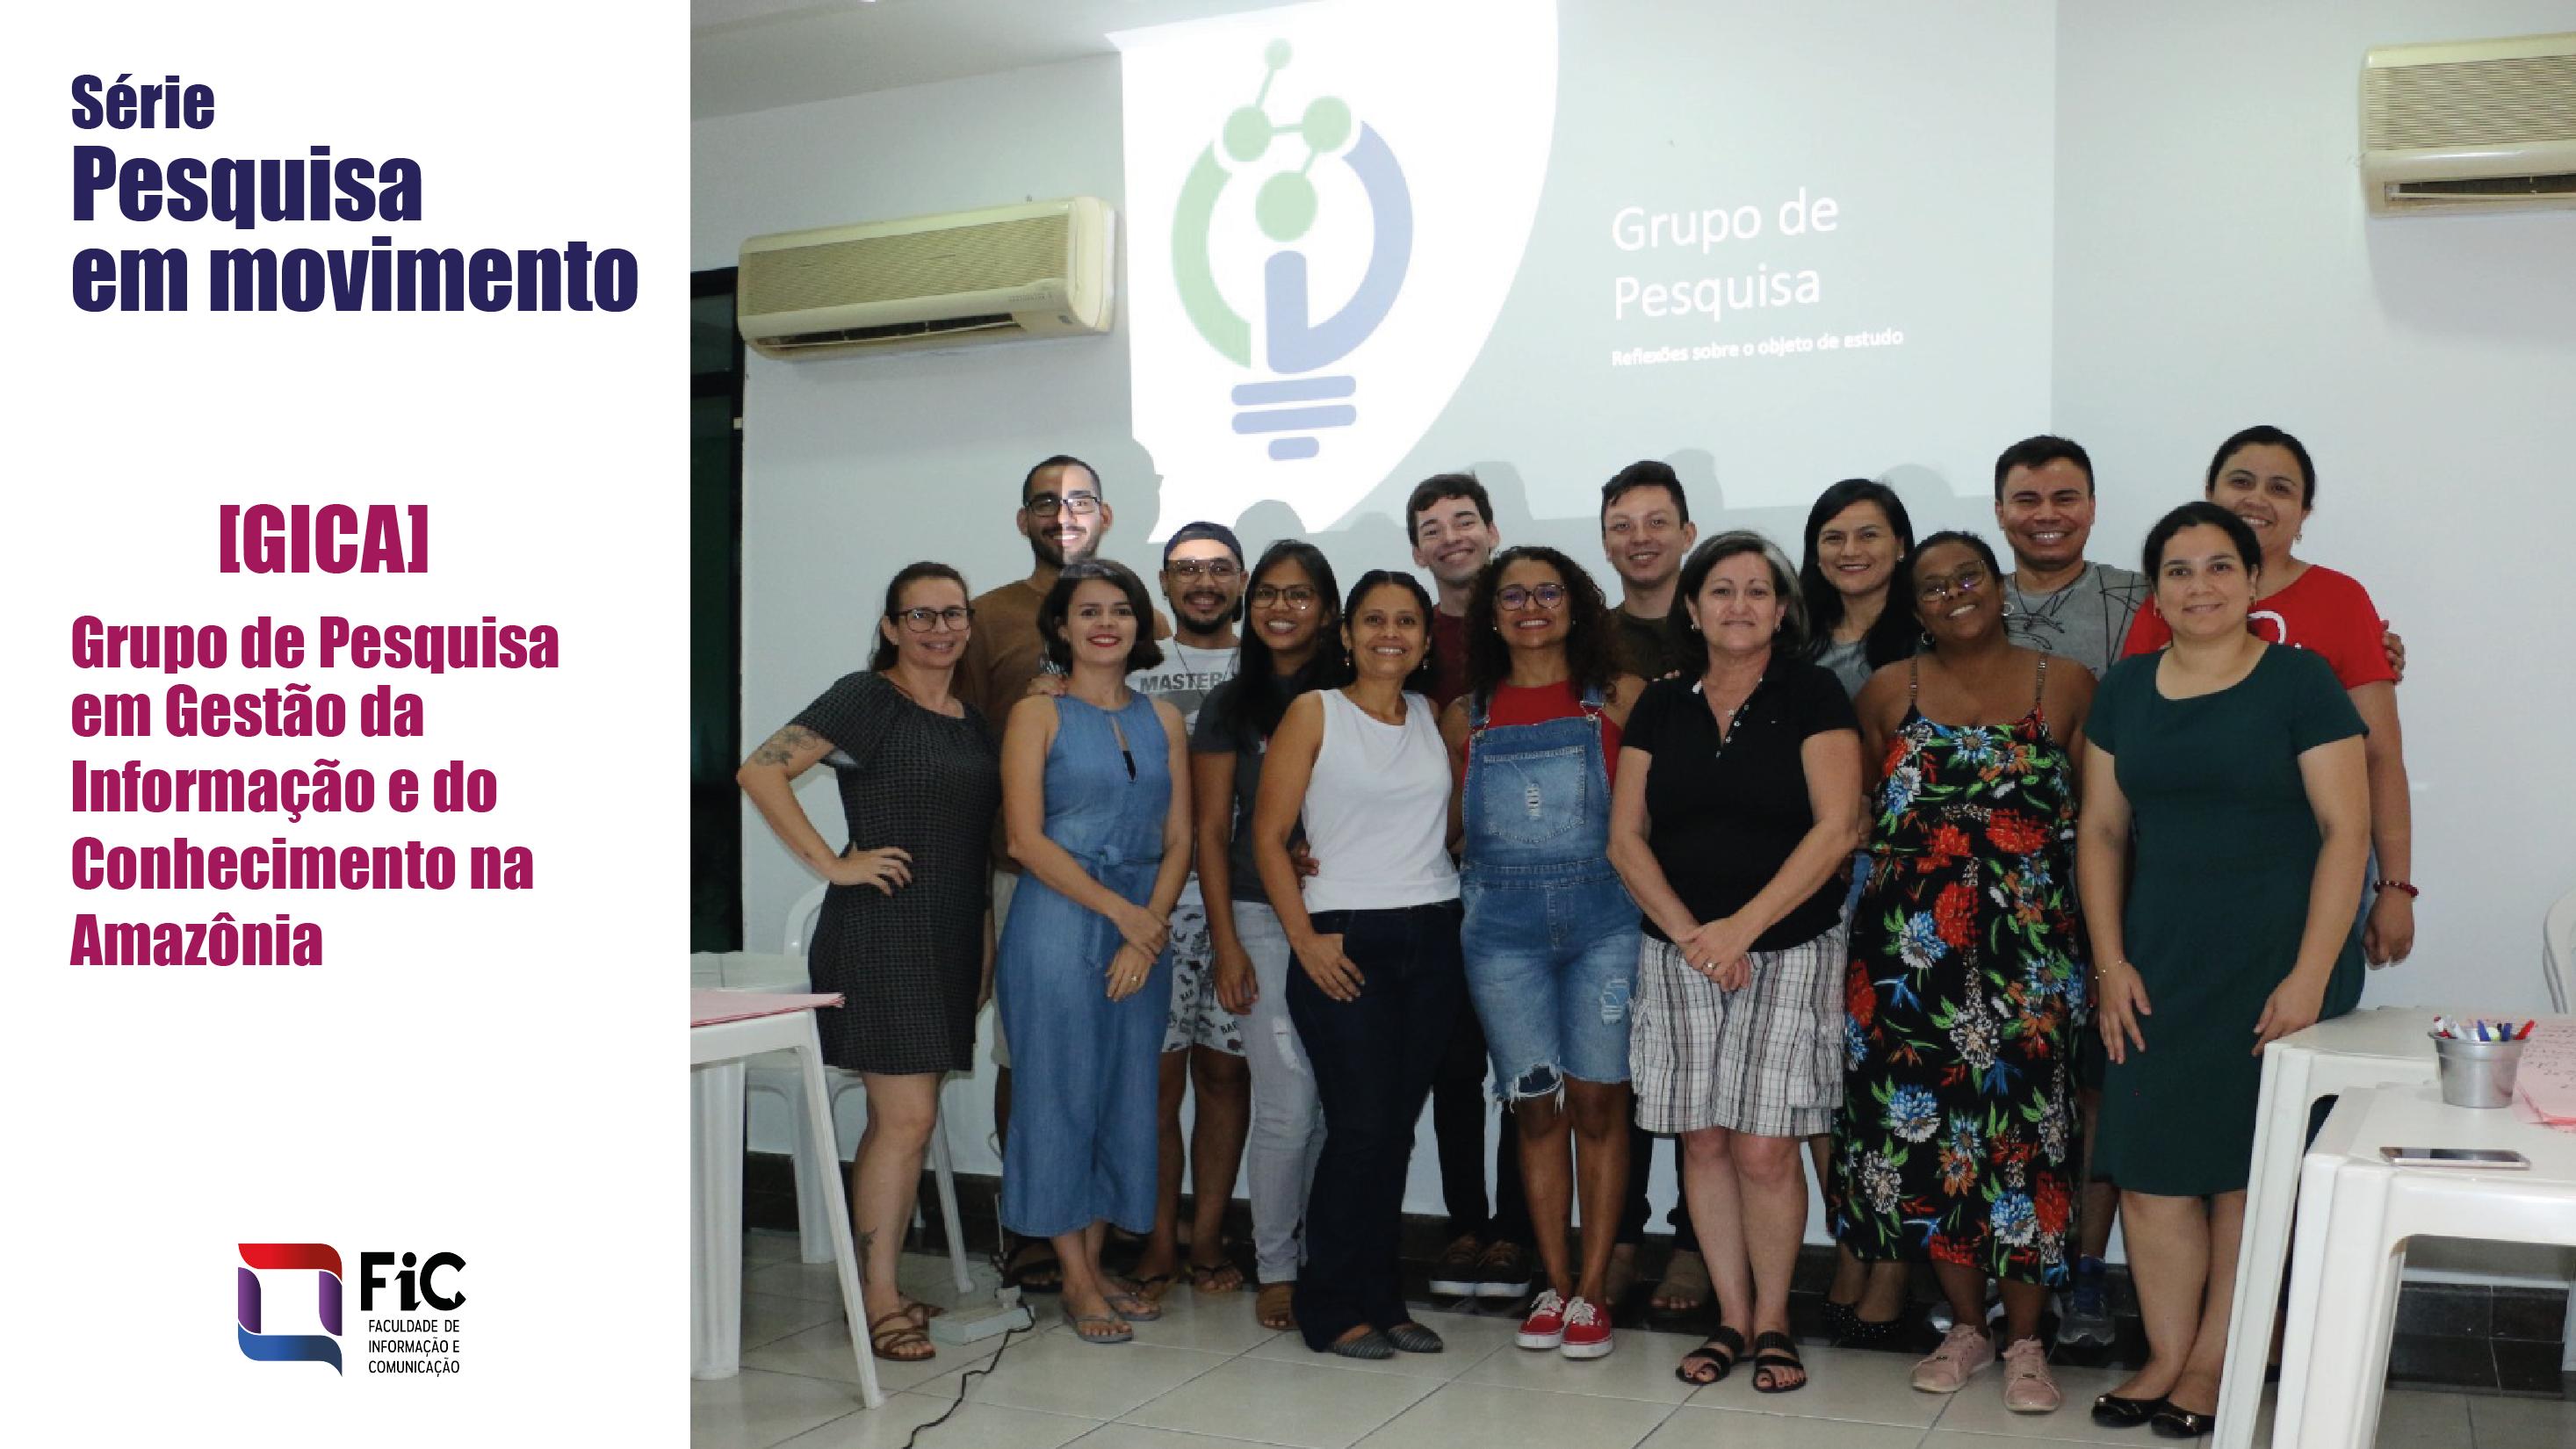 GICA realiza estudos em informação para combate à pandemia